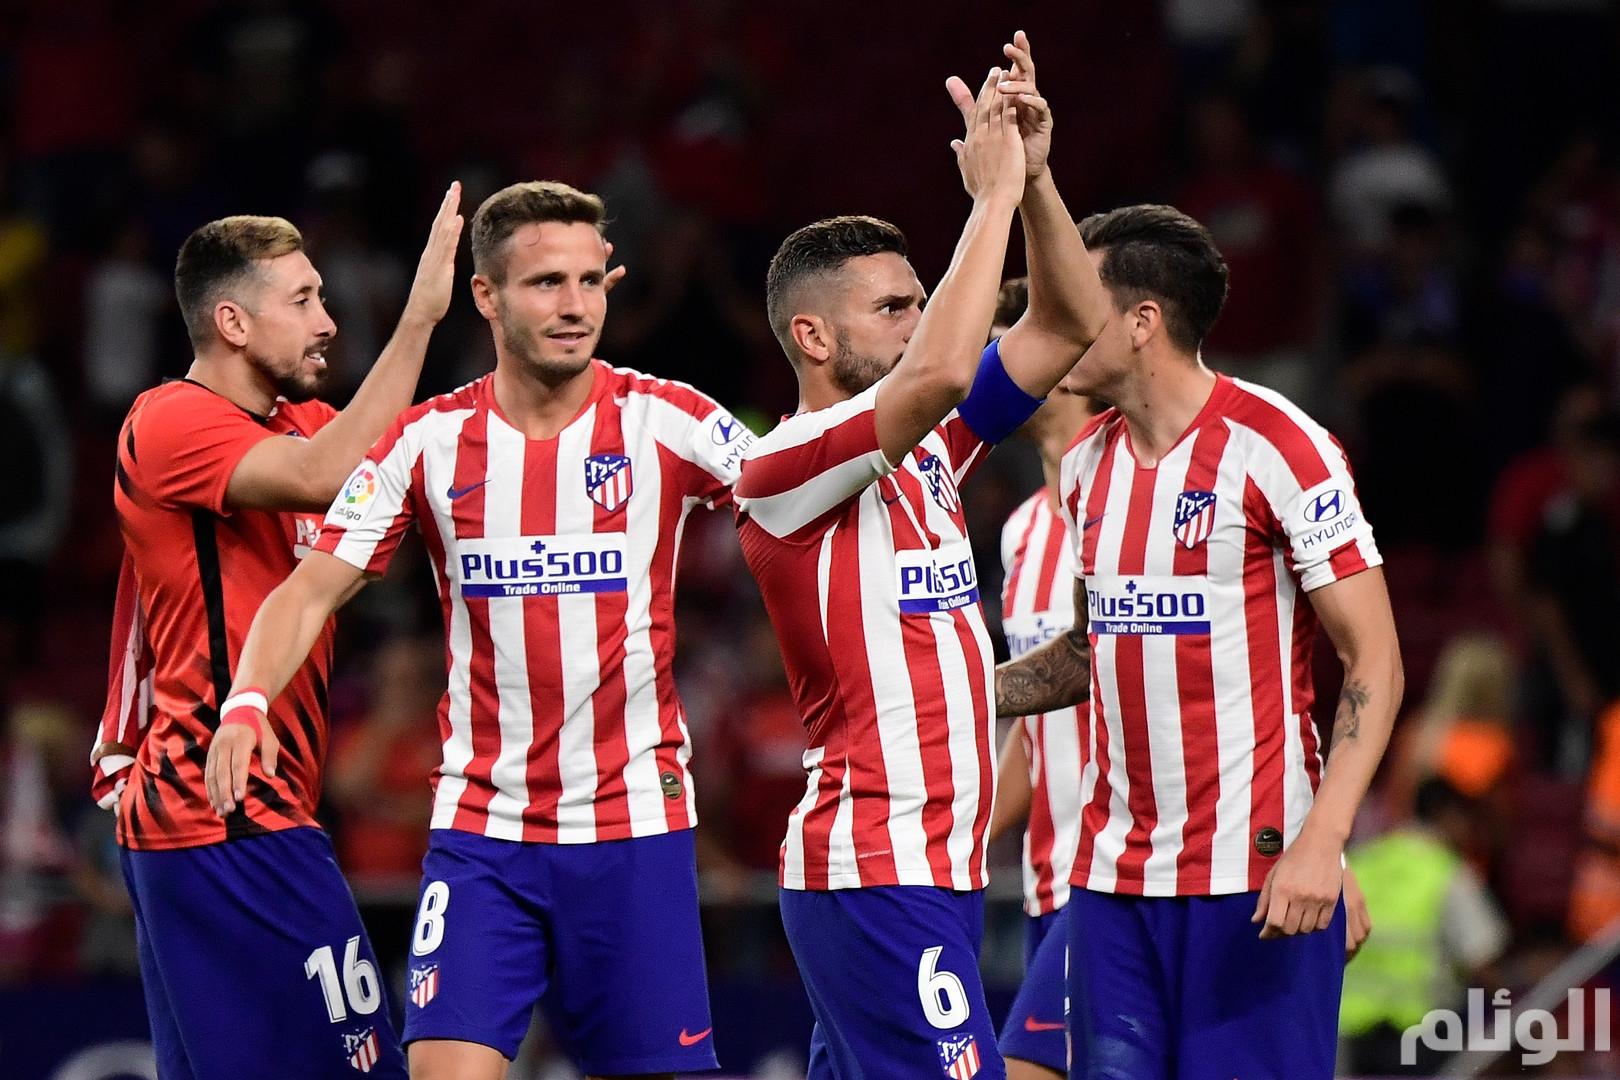 مشاهدة مباراة أتلتيكو مدريد ويوفنتوس بث مباشر